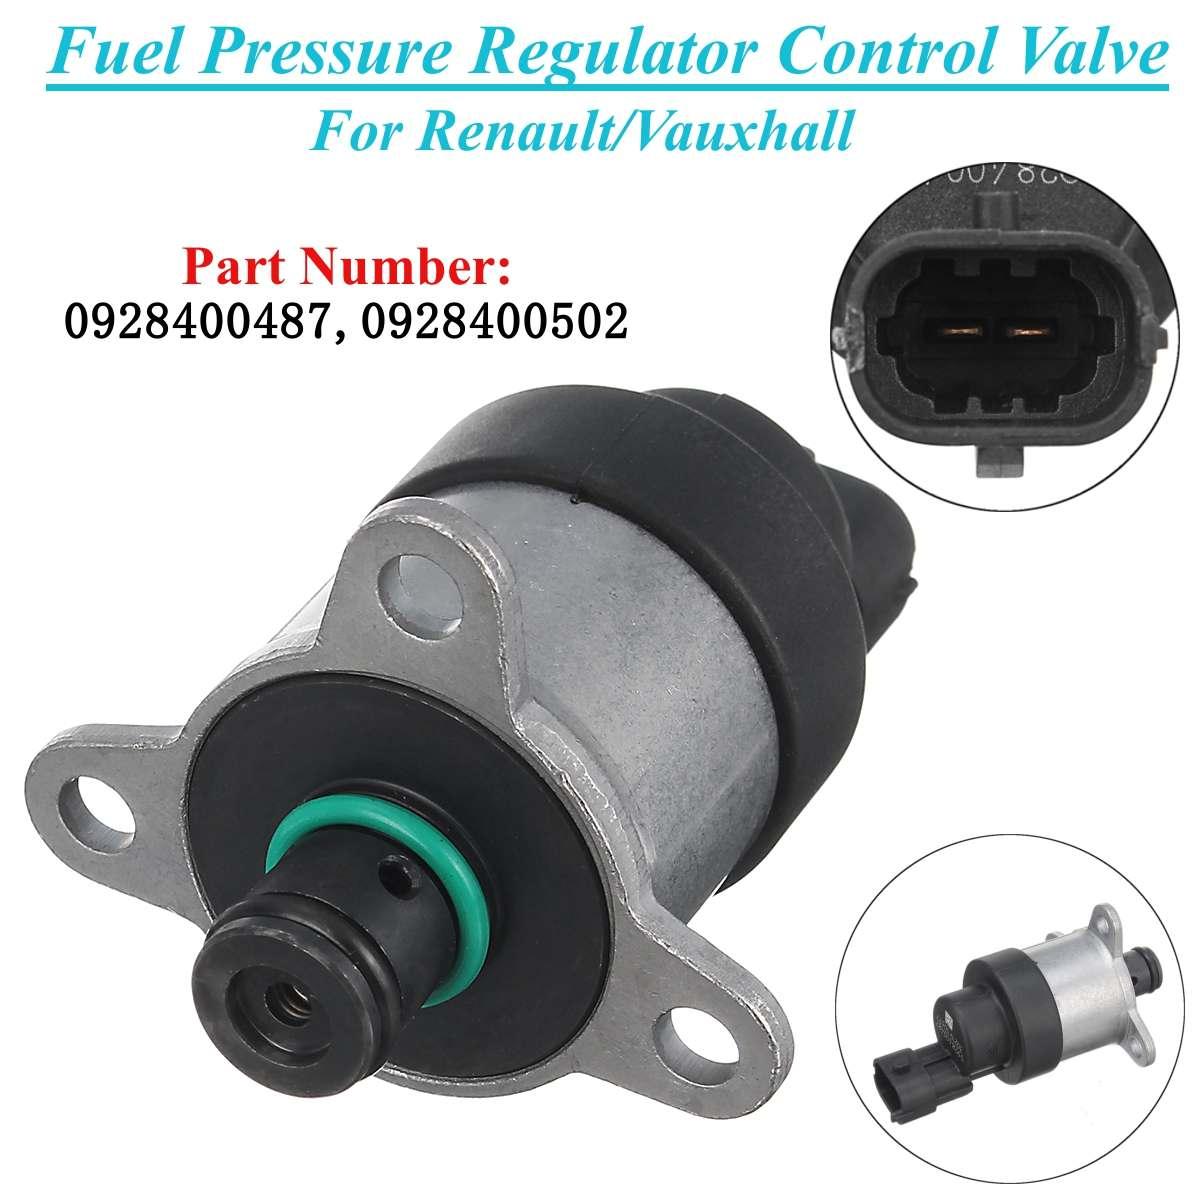 Regulador de presión de combustible 0928400502, Unidad de válvula de solenoide Scv para Vauxhal Opel Movano Vivaro 1,9 2,2 2,5 Dti